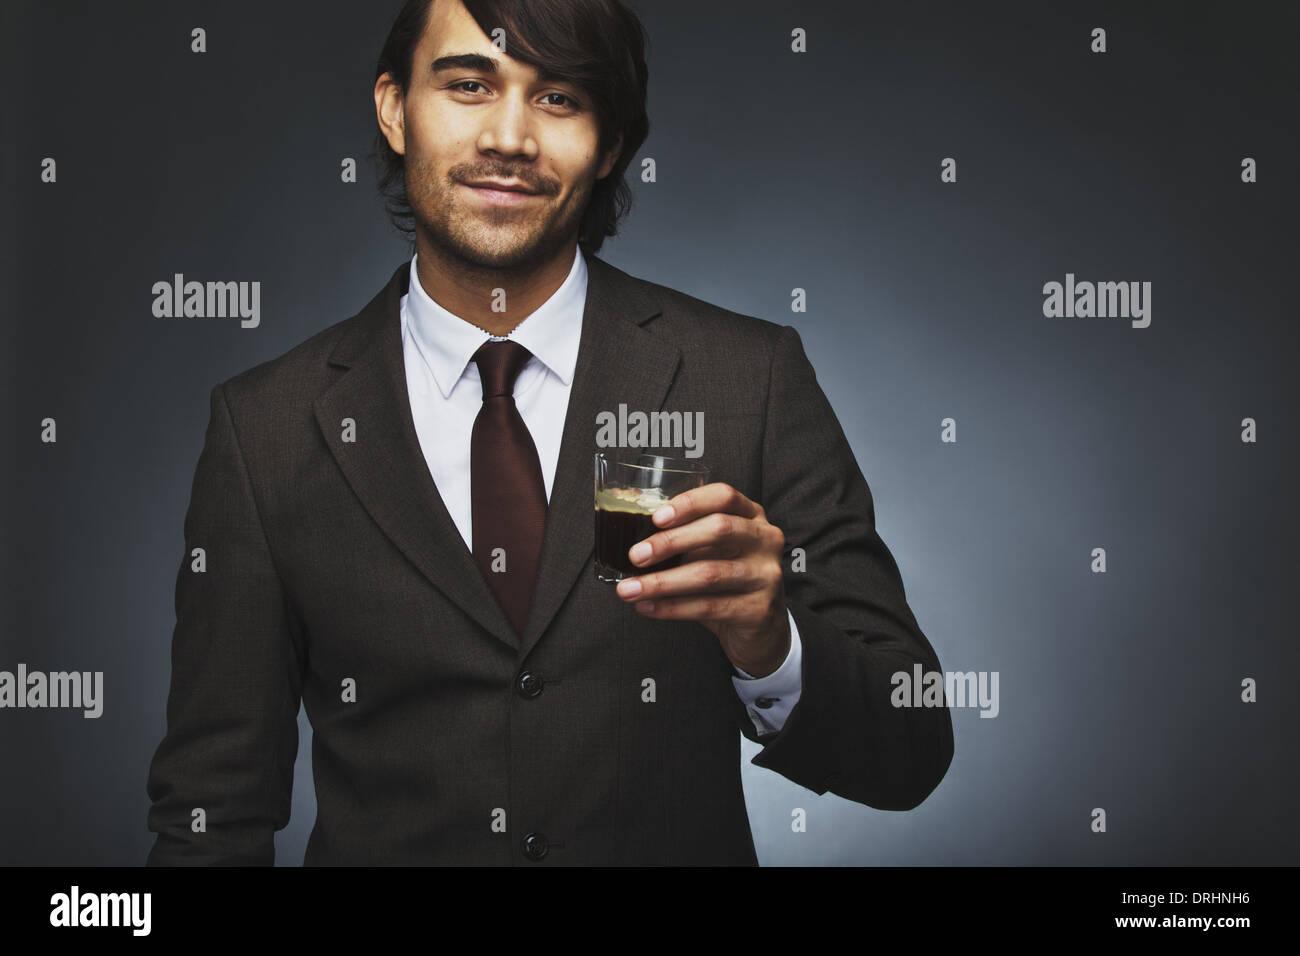 Ritratto di felice giovane uomo d affari che vi offrono una tazza di caffè su sfondo nero. Gara di misto modello maschio Immagini Stock